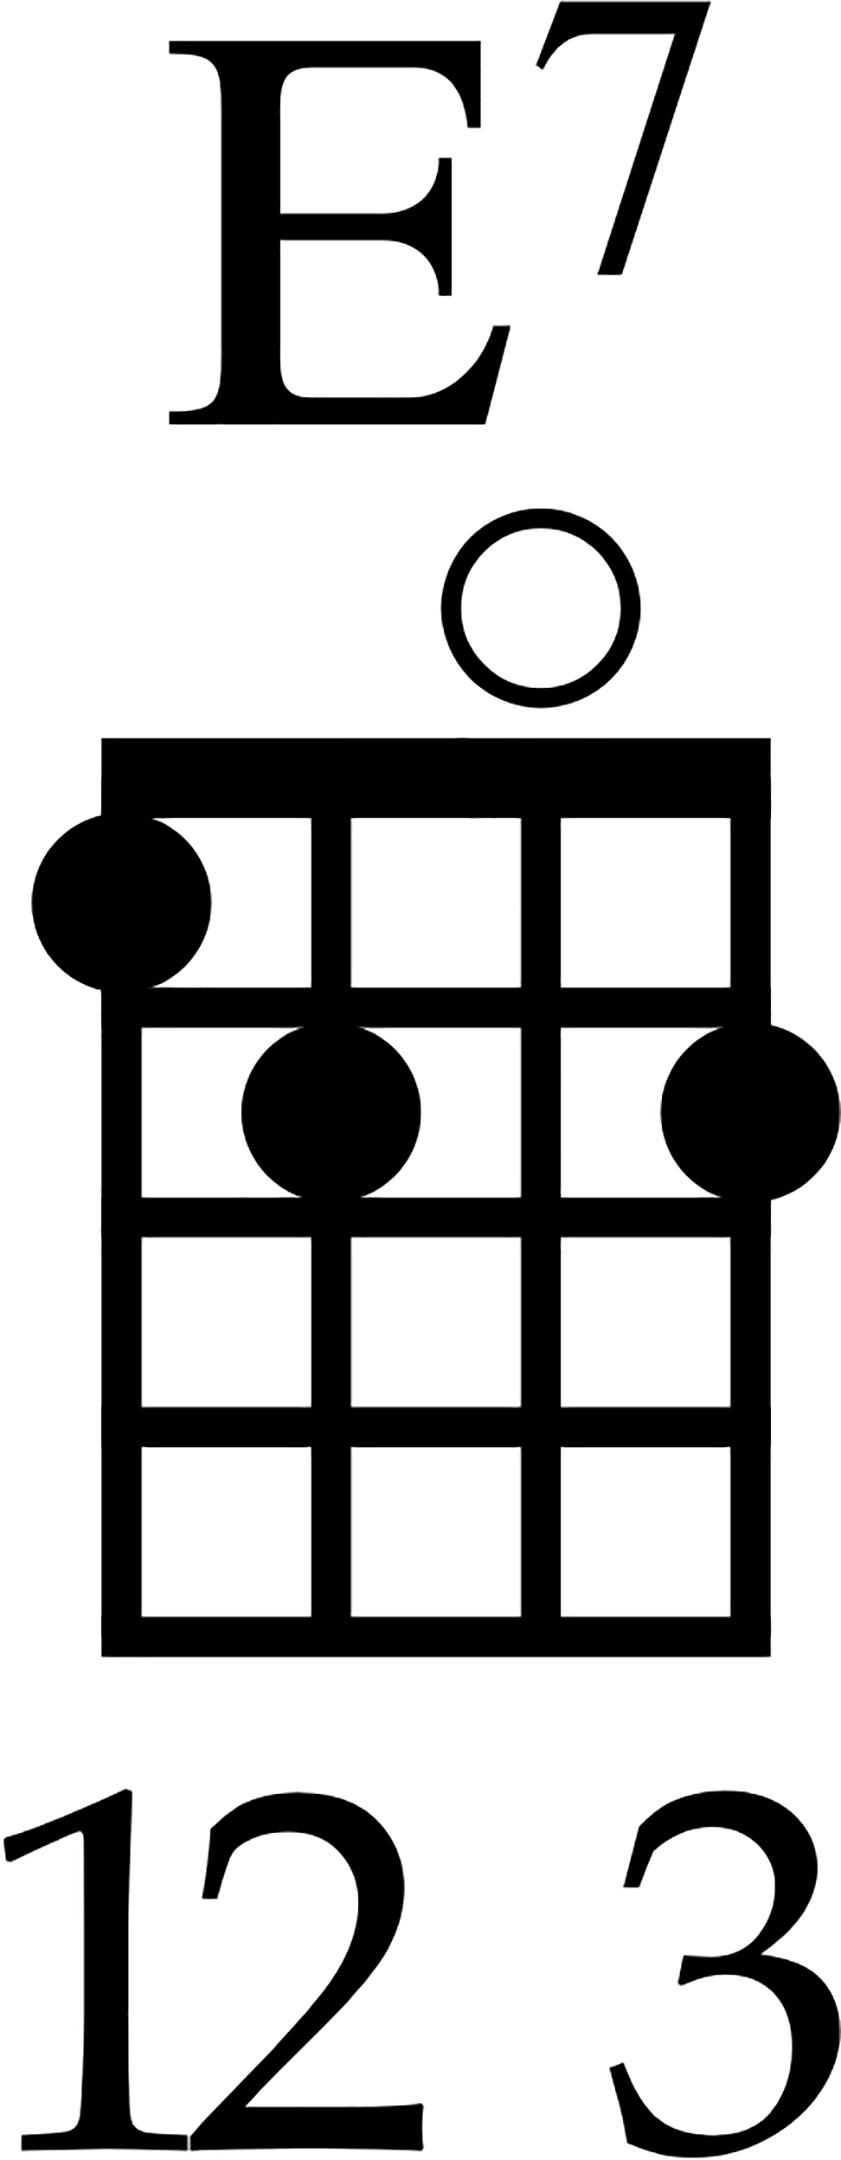 E7 Ukulele Chord